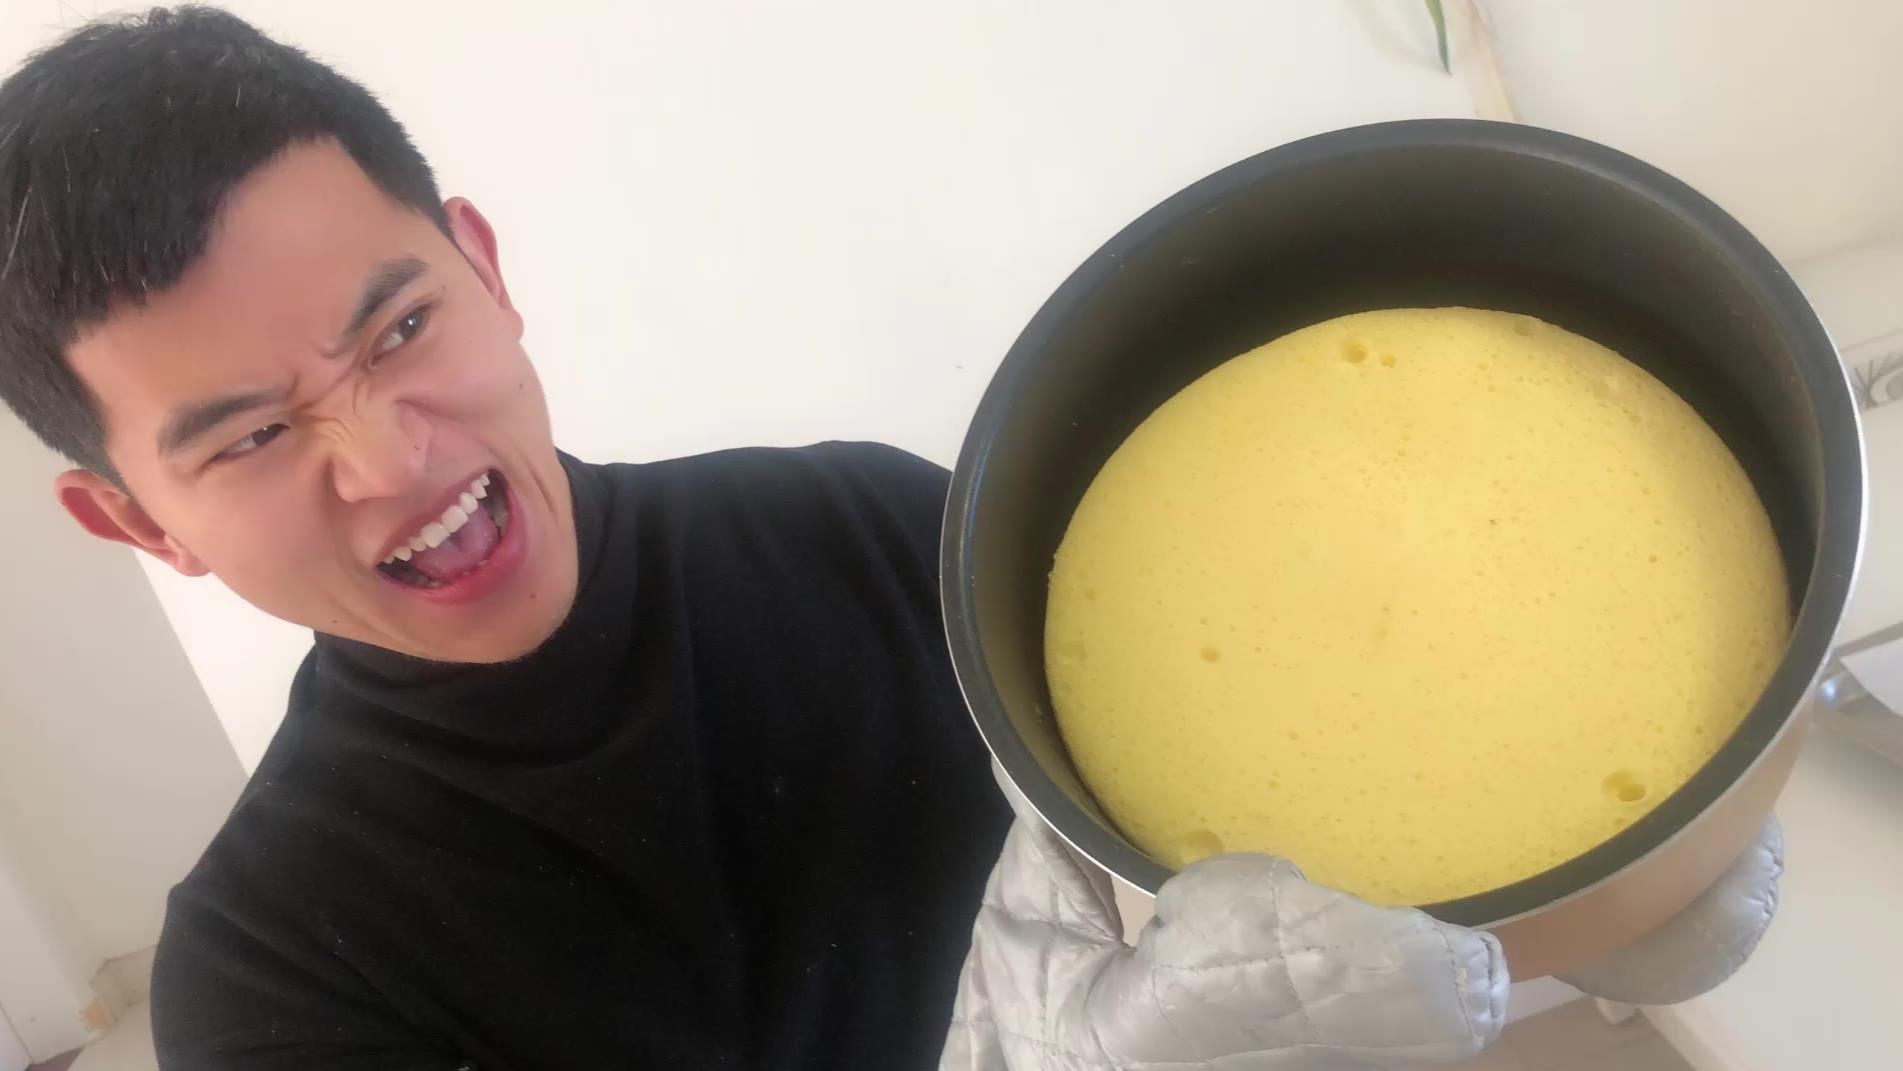 跟网上学的电饭锅蛋糕真的好吃吗?居然真的成功了!